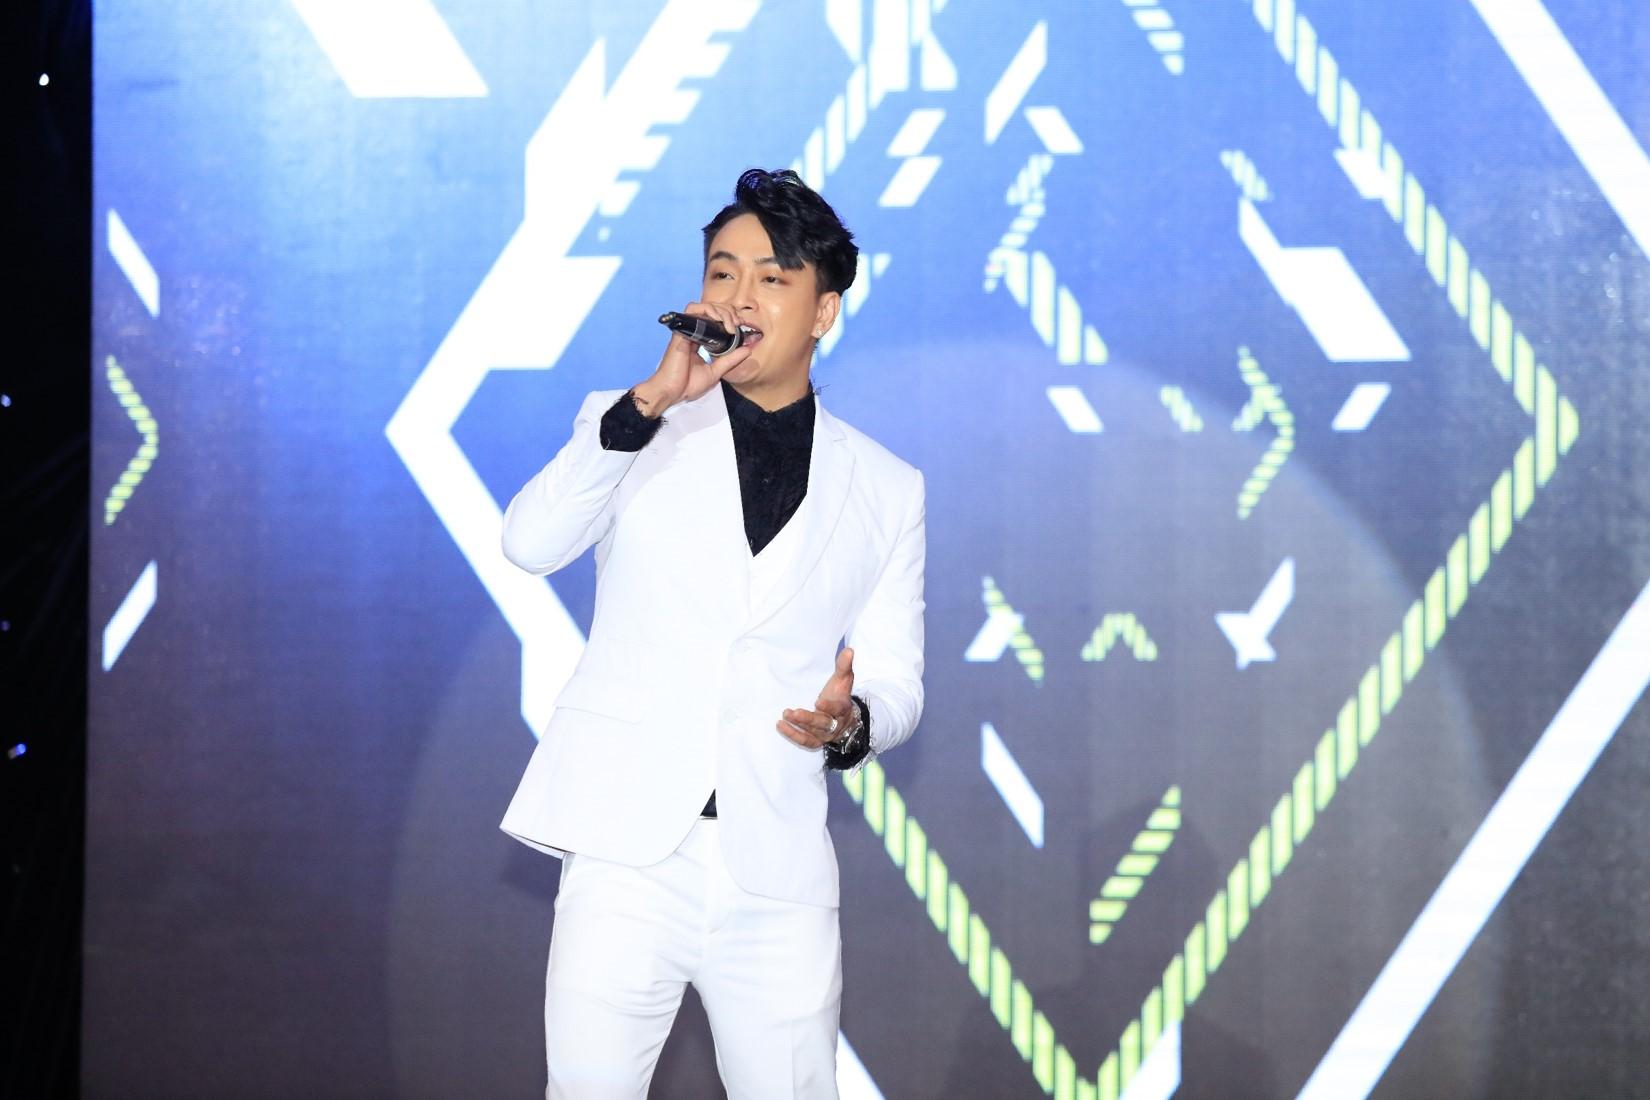 """Chí Tài U70 vẫn hát nhảy cực sung khiến Nhật Kim Anh phải """"chào thua"""" - 13"""